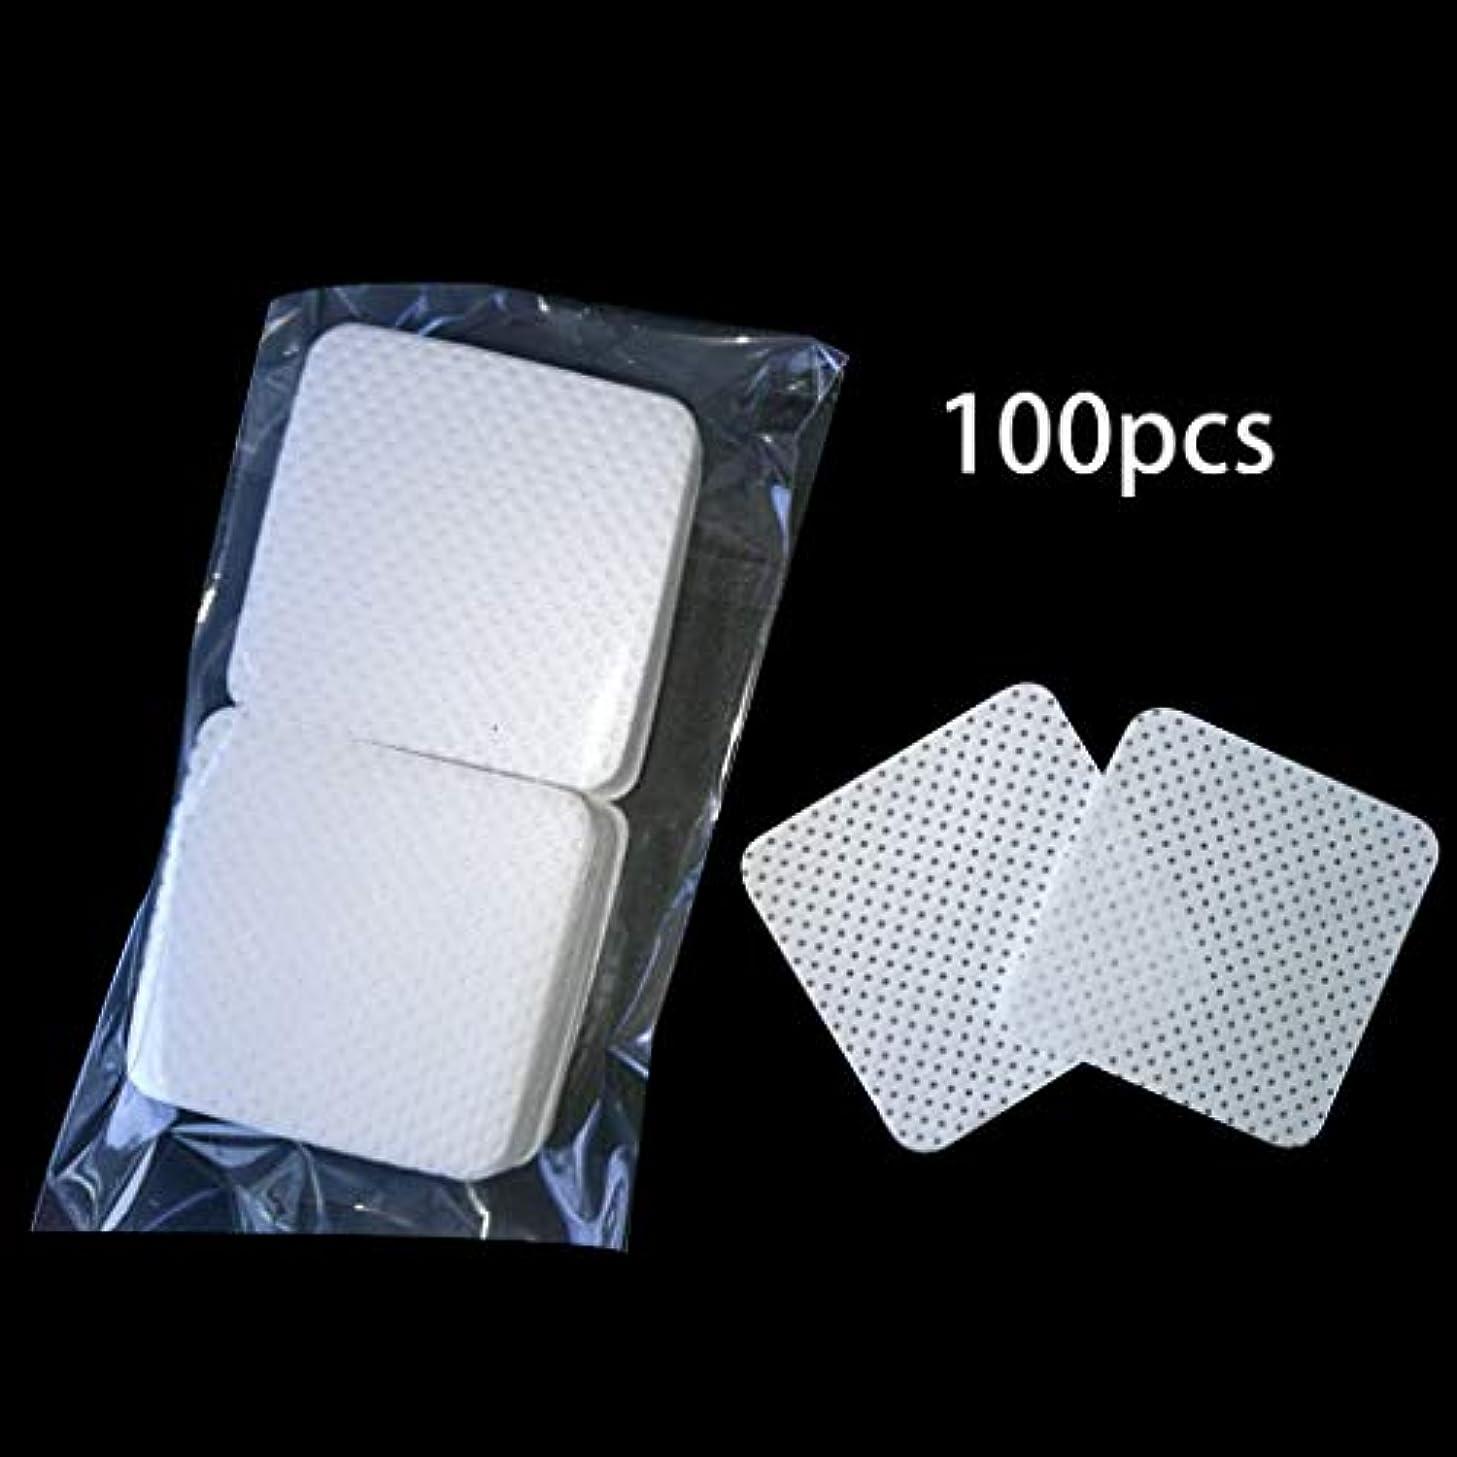 地上で小間日の出Lamdoo 100ピース/バッグ使い捨てまつげエクステンション接着剤削除綿パッド瓶口拭きパッチメイク化粧品クリーニングツール